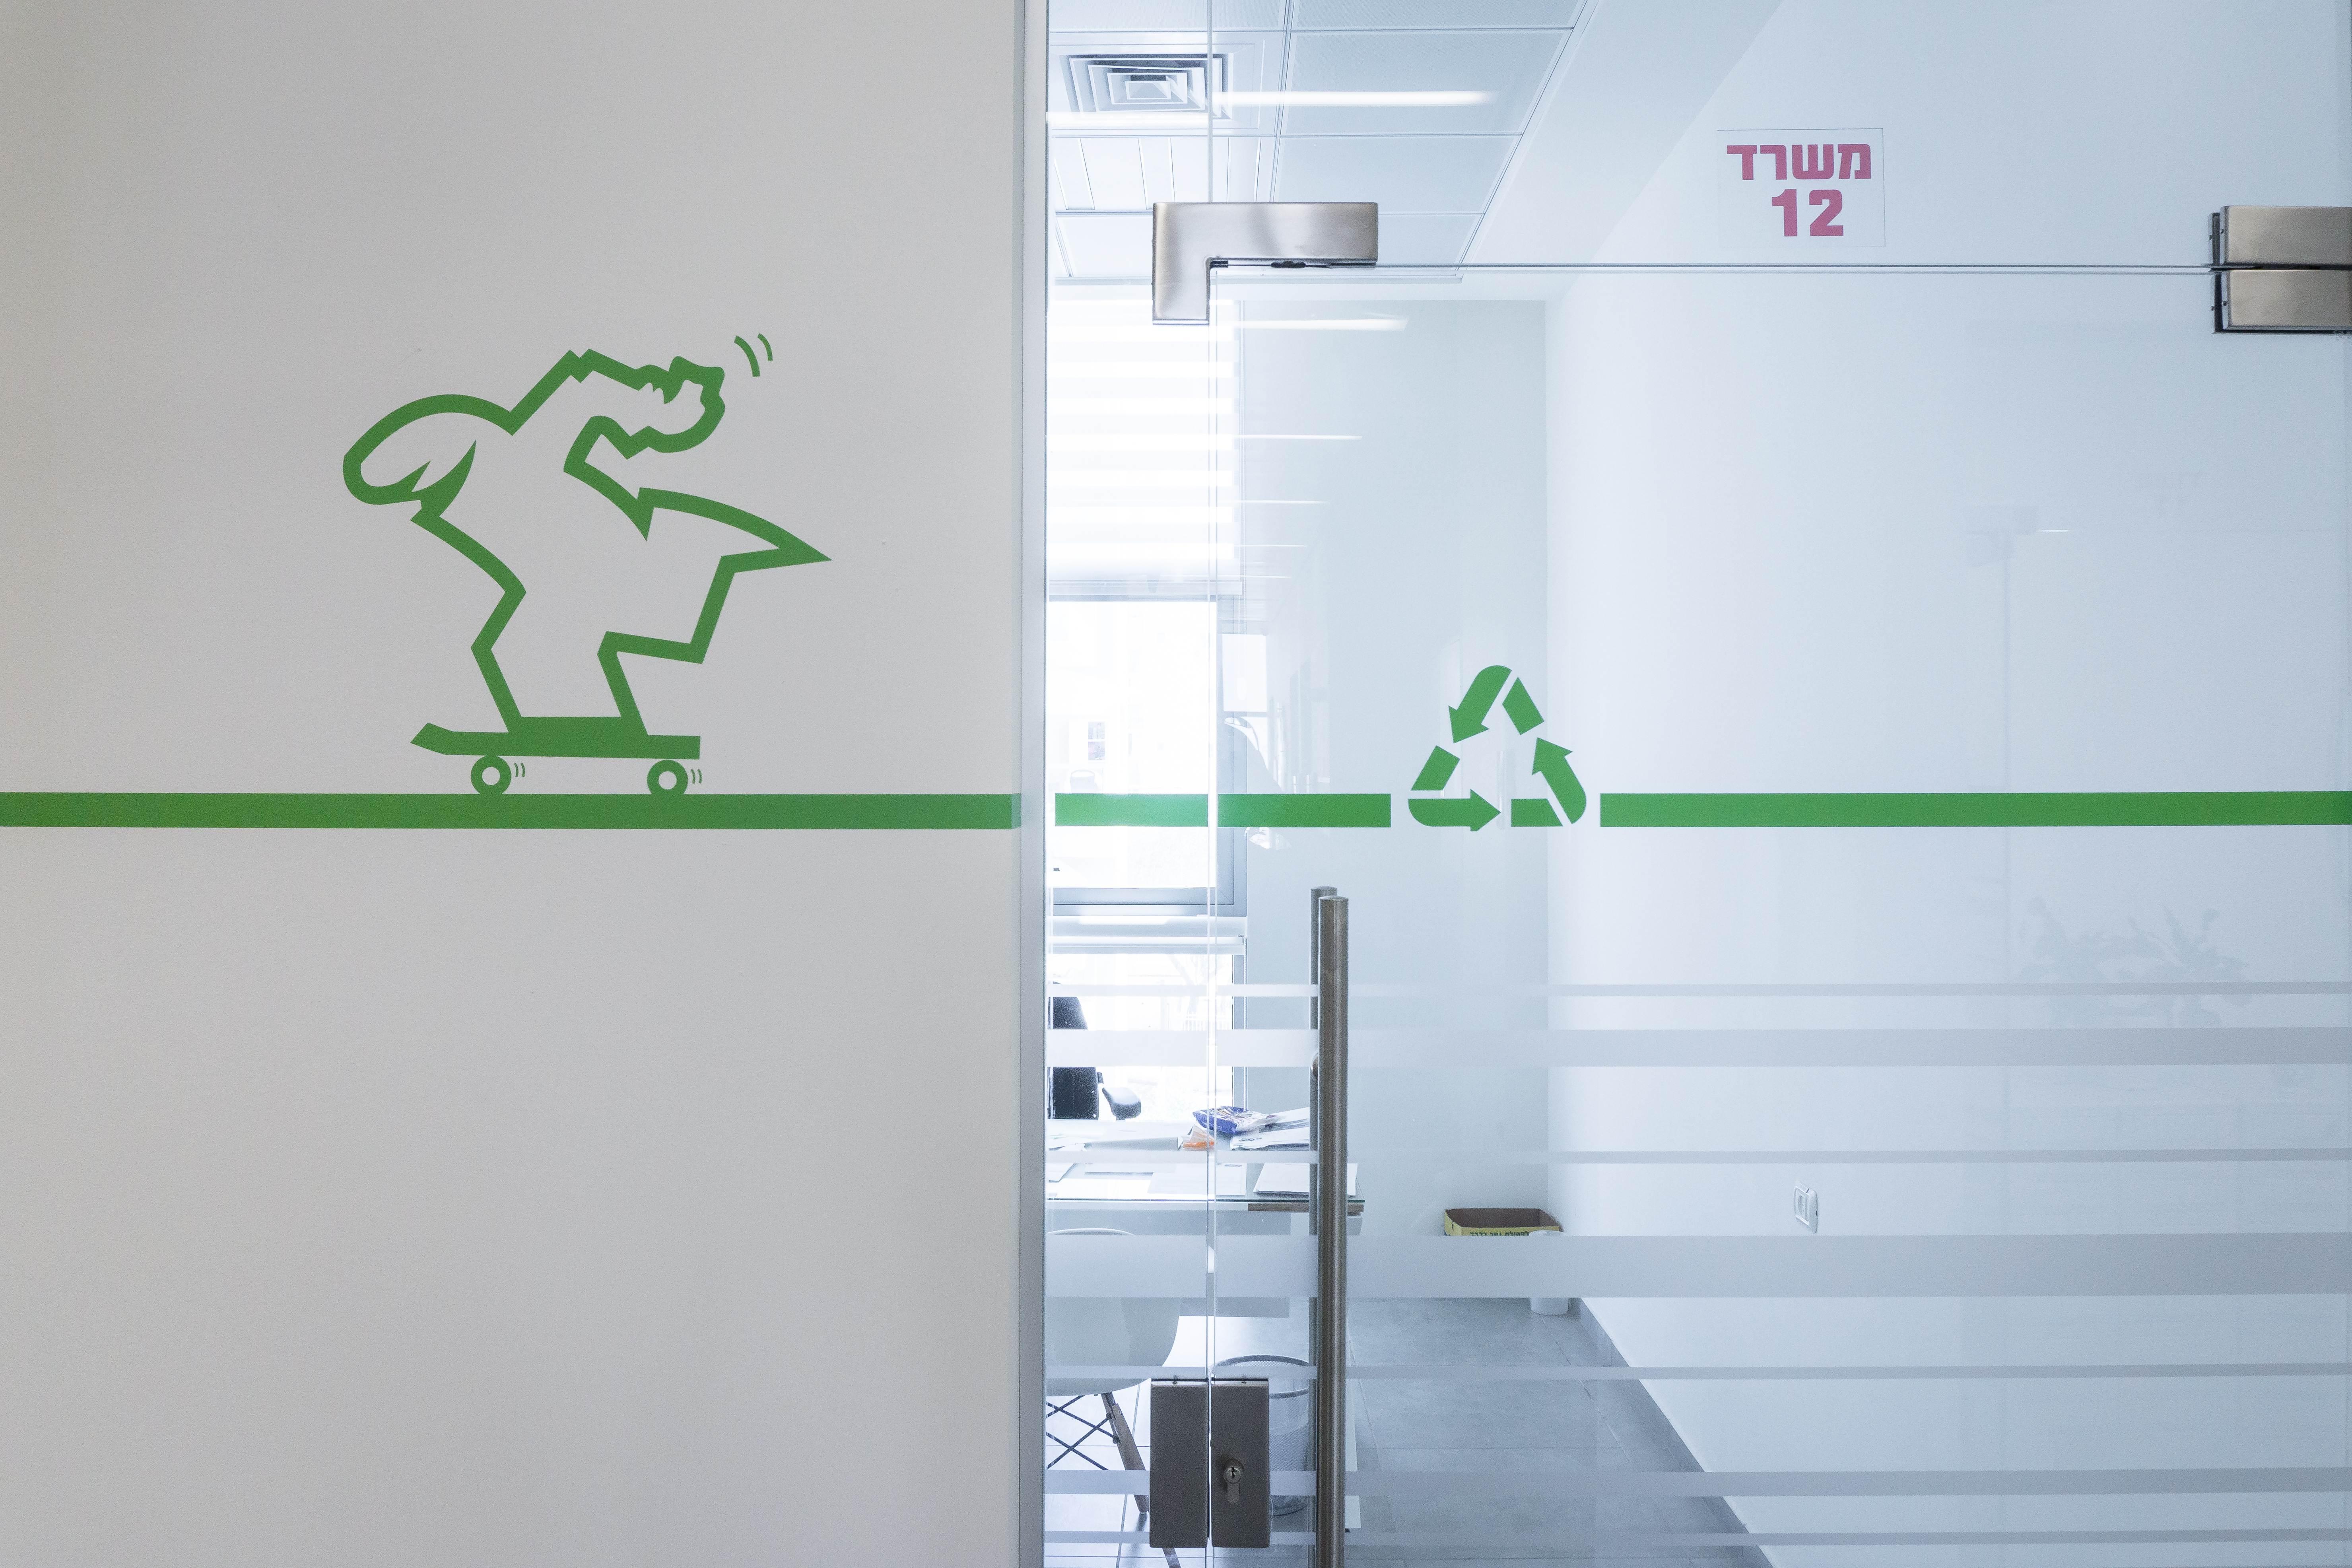 עיצוב גרפי דלת וקיר משרד-סיגל סיוון ידוב